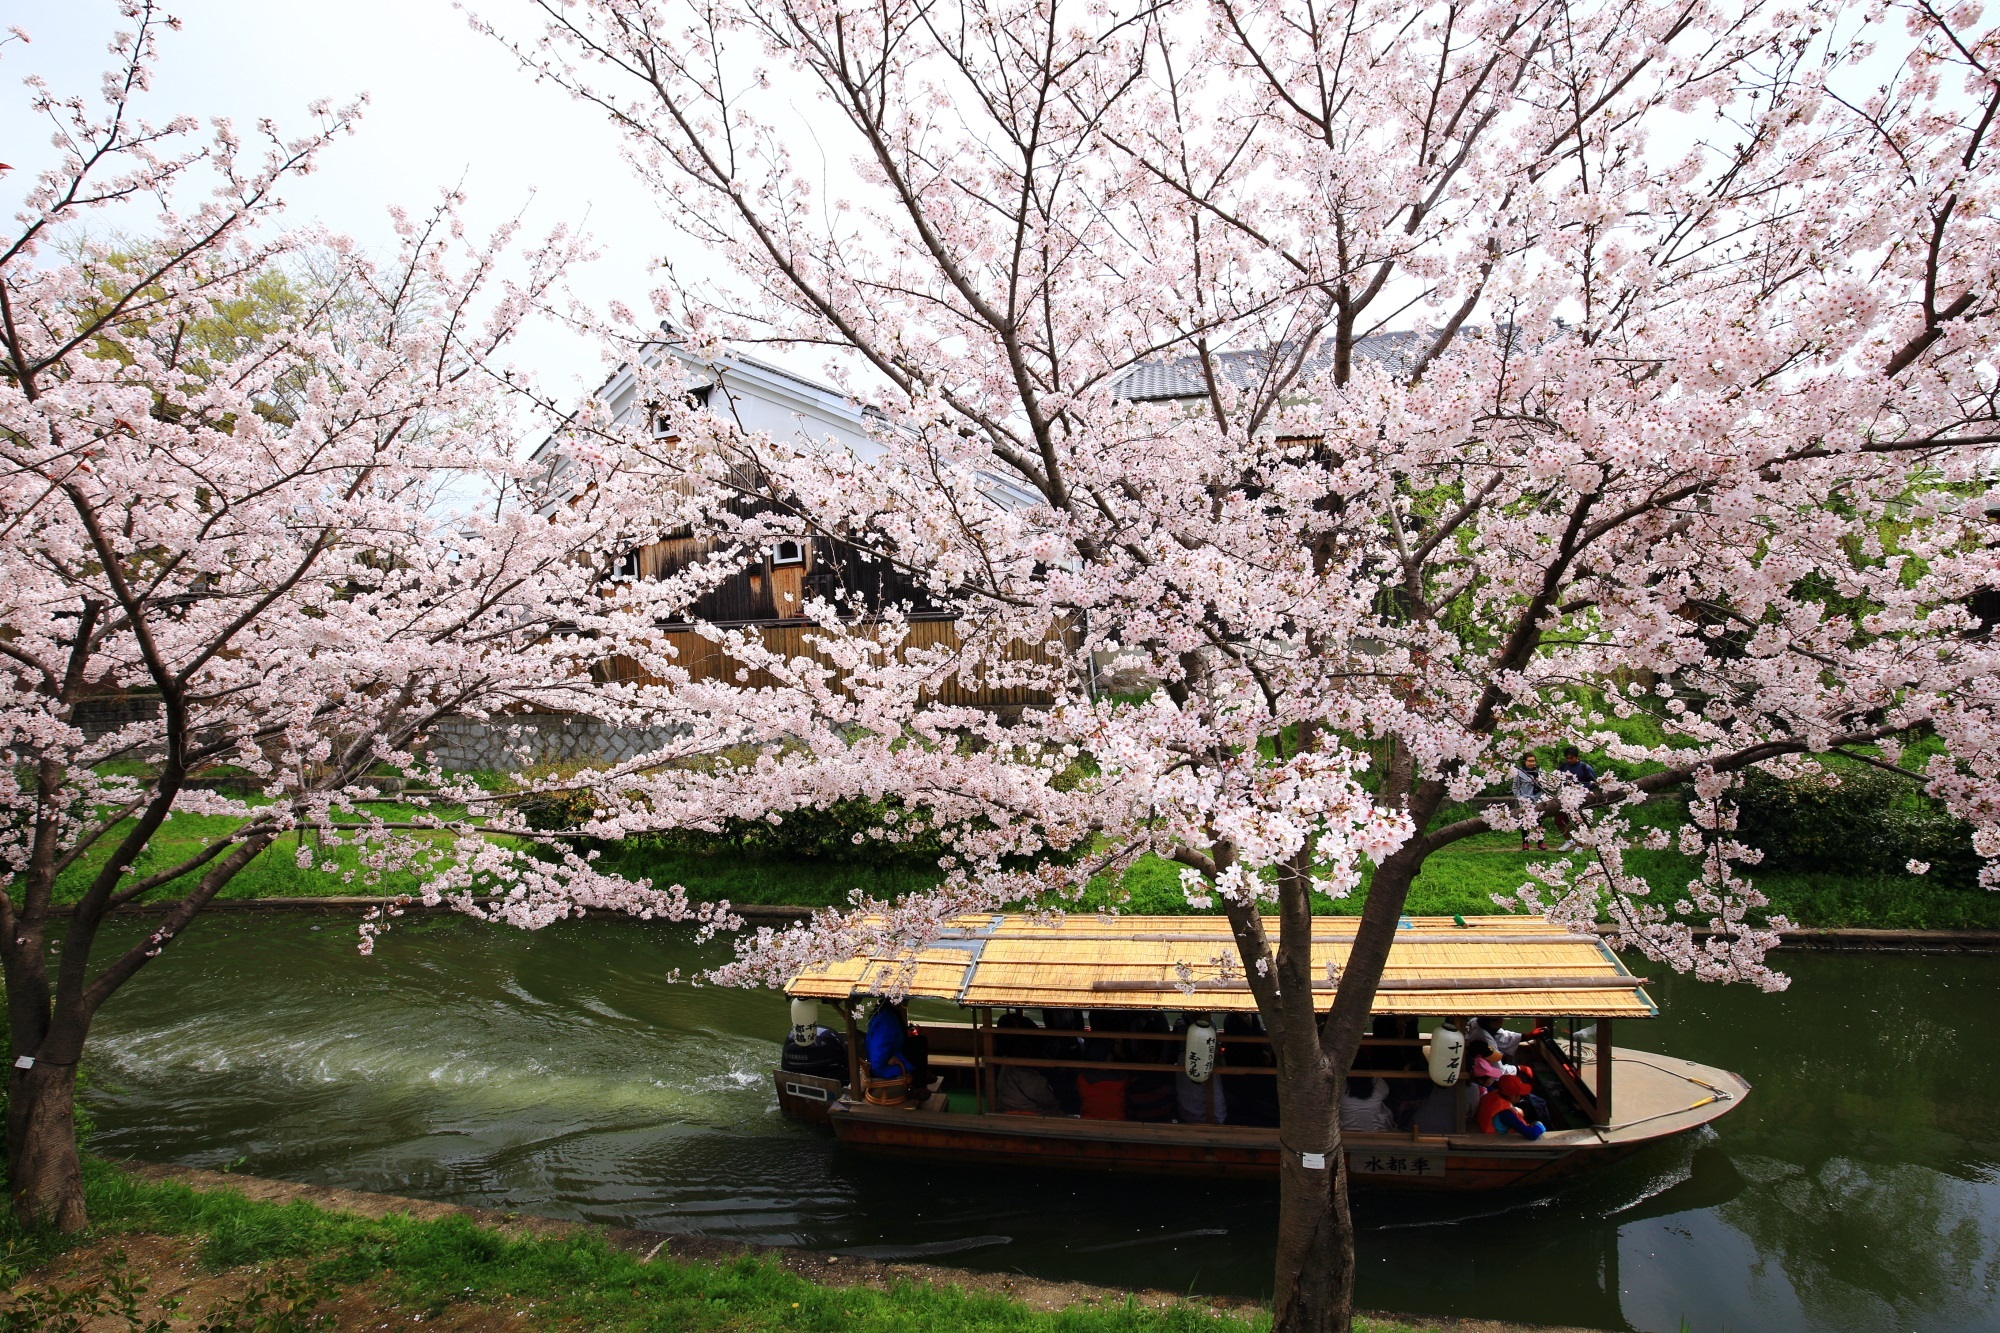 満開の桜の下を通る遊覧の十石船